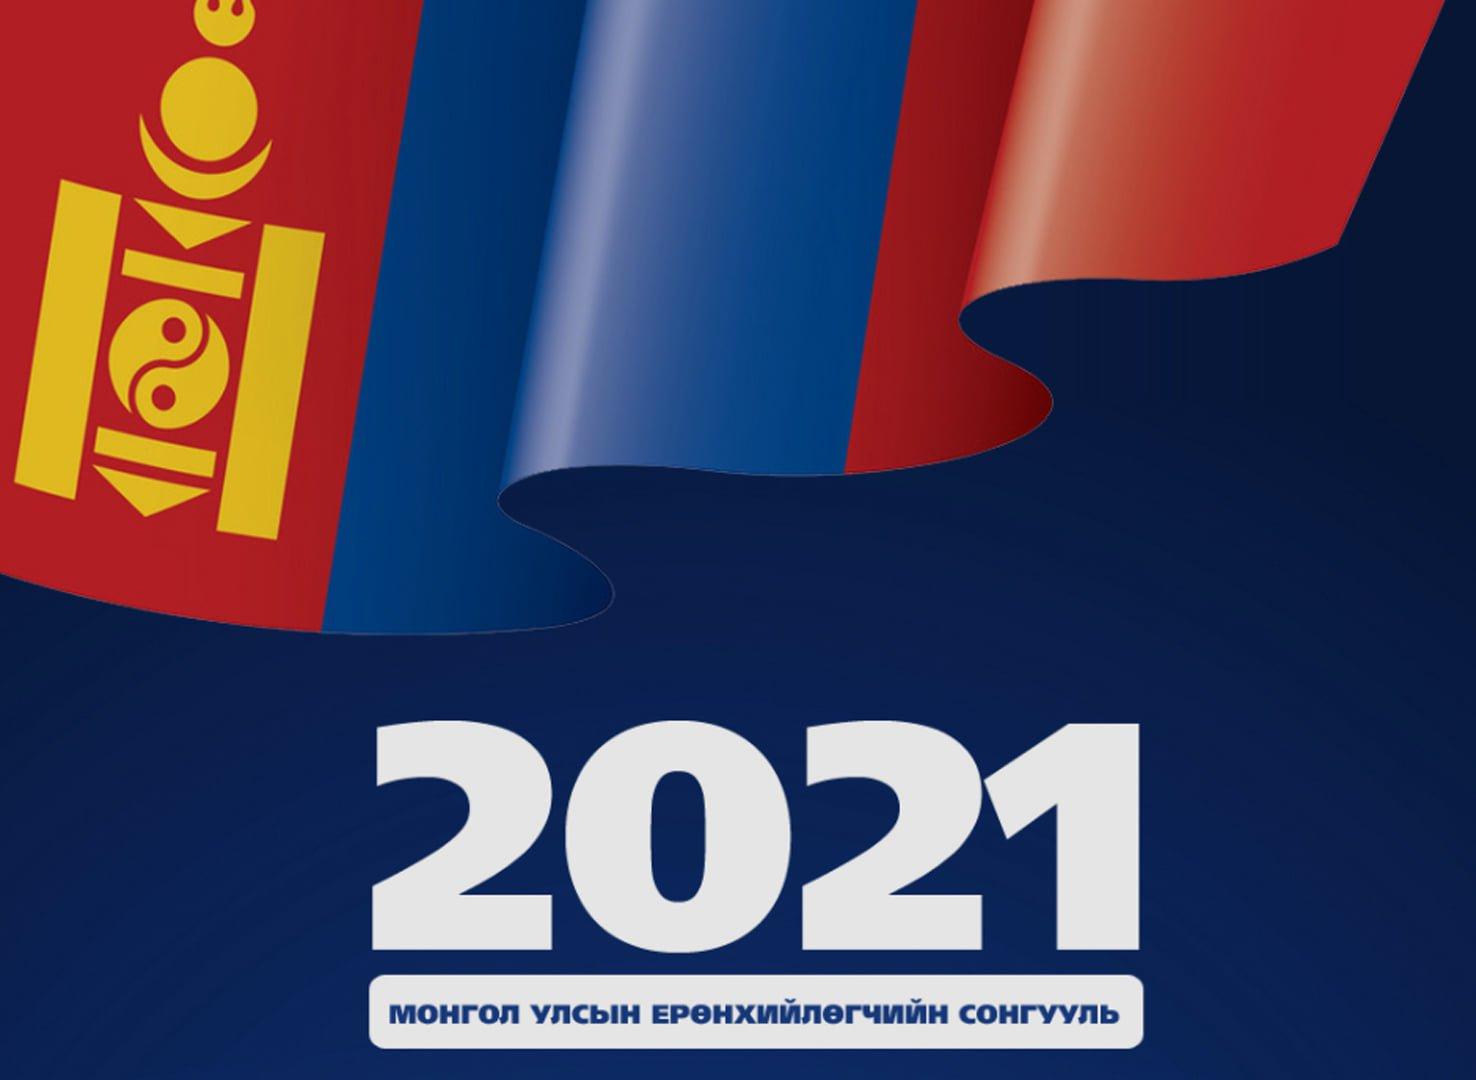 Монгол Улсын Ерөнхийлөгчийн сонгуулийн сонгогчдын нэрийн жагсаалт дахь өөрийн болон өөрийн байнга оршин суугаа хаягийн бүртгэлийг шалгах боломжтой